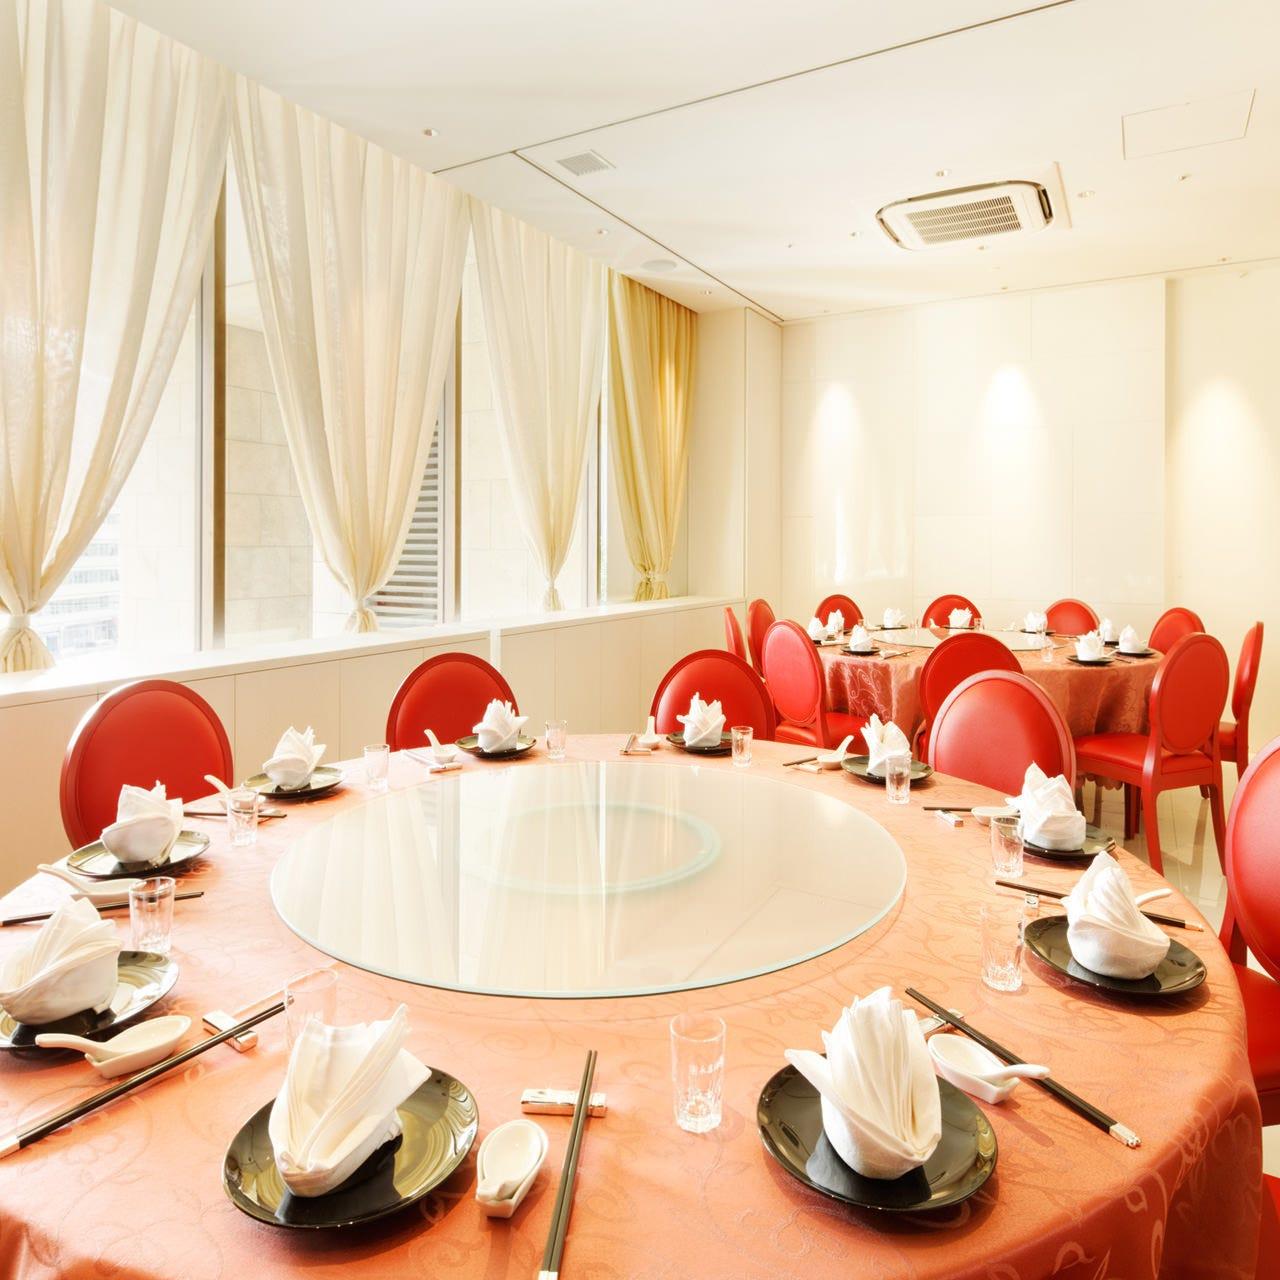 テーブル席・完全個室(壁・扉あり)・12名様~20名様